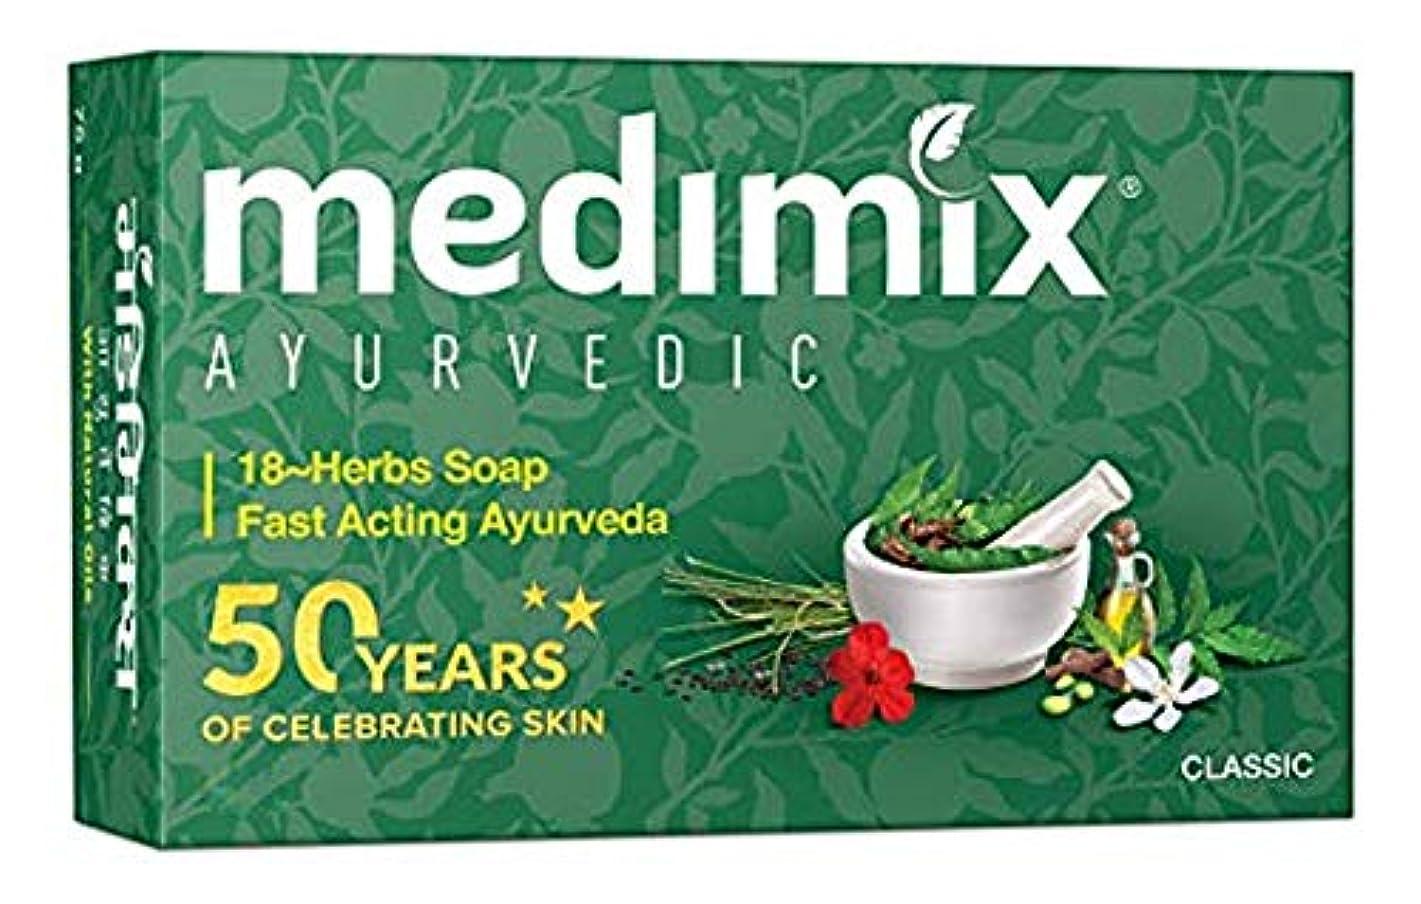 無臭意欲セントMEDIMIX メディミックス アーユルヴェーダ石鹸 18ハーブス3個セット(medimix classic 18-HERB AYURVEDA) 125g